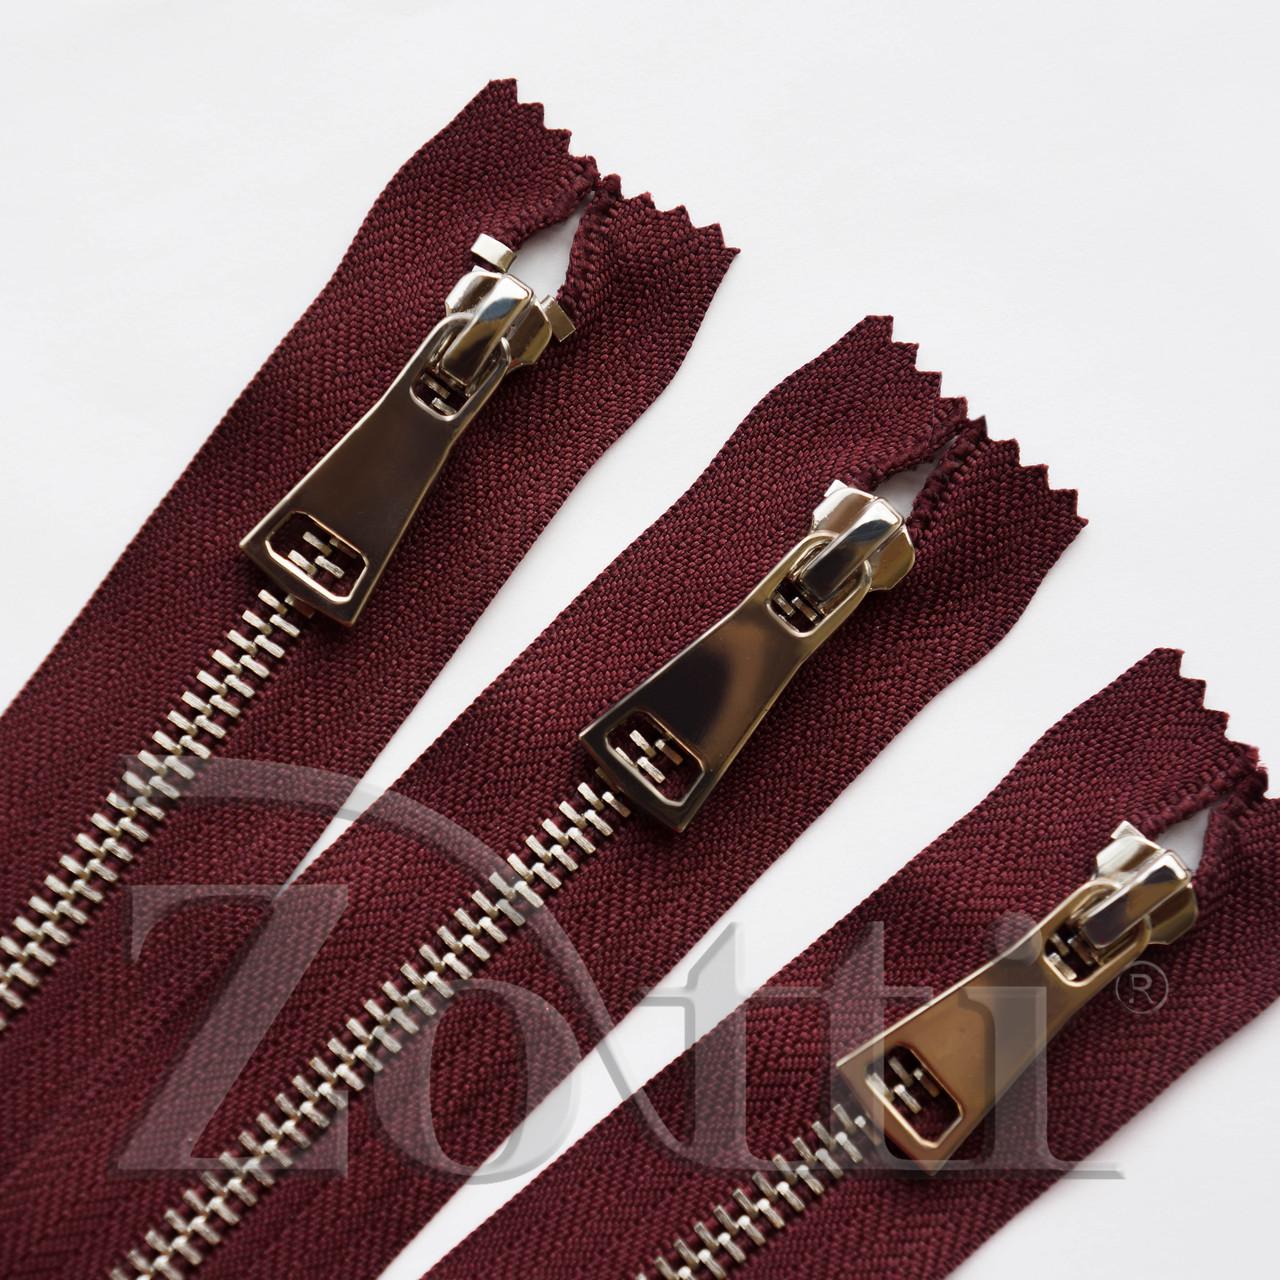 Молния (змейка,застежка) металлическая №5, размерная, обувная, бордовая, с серебряным бегунком № 115 - 18 см